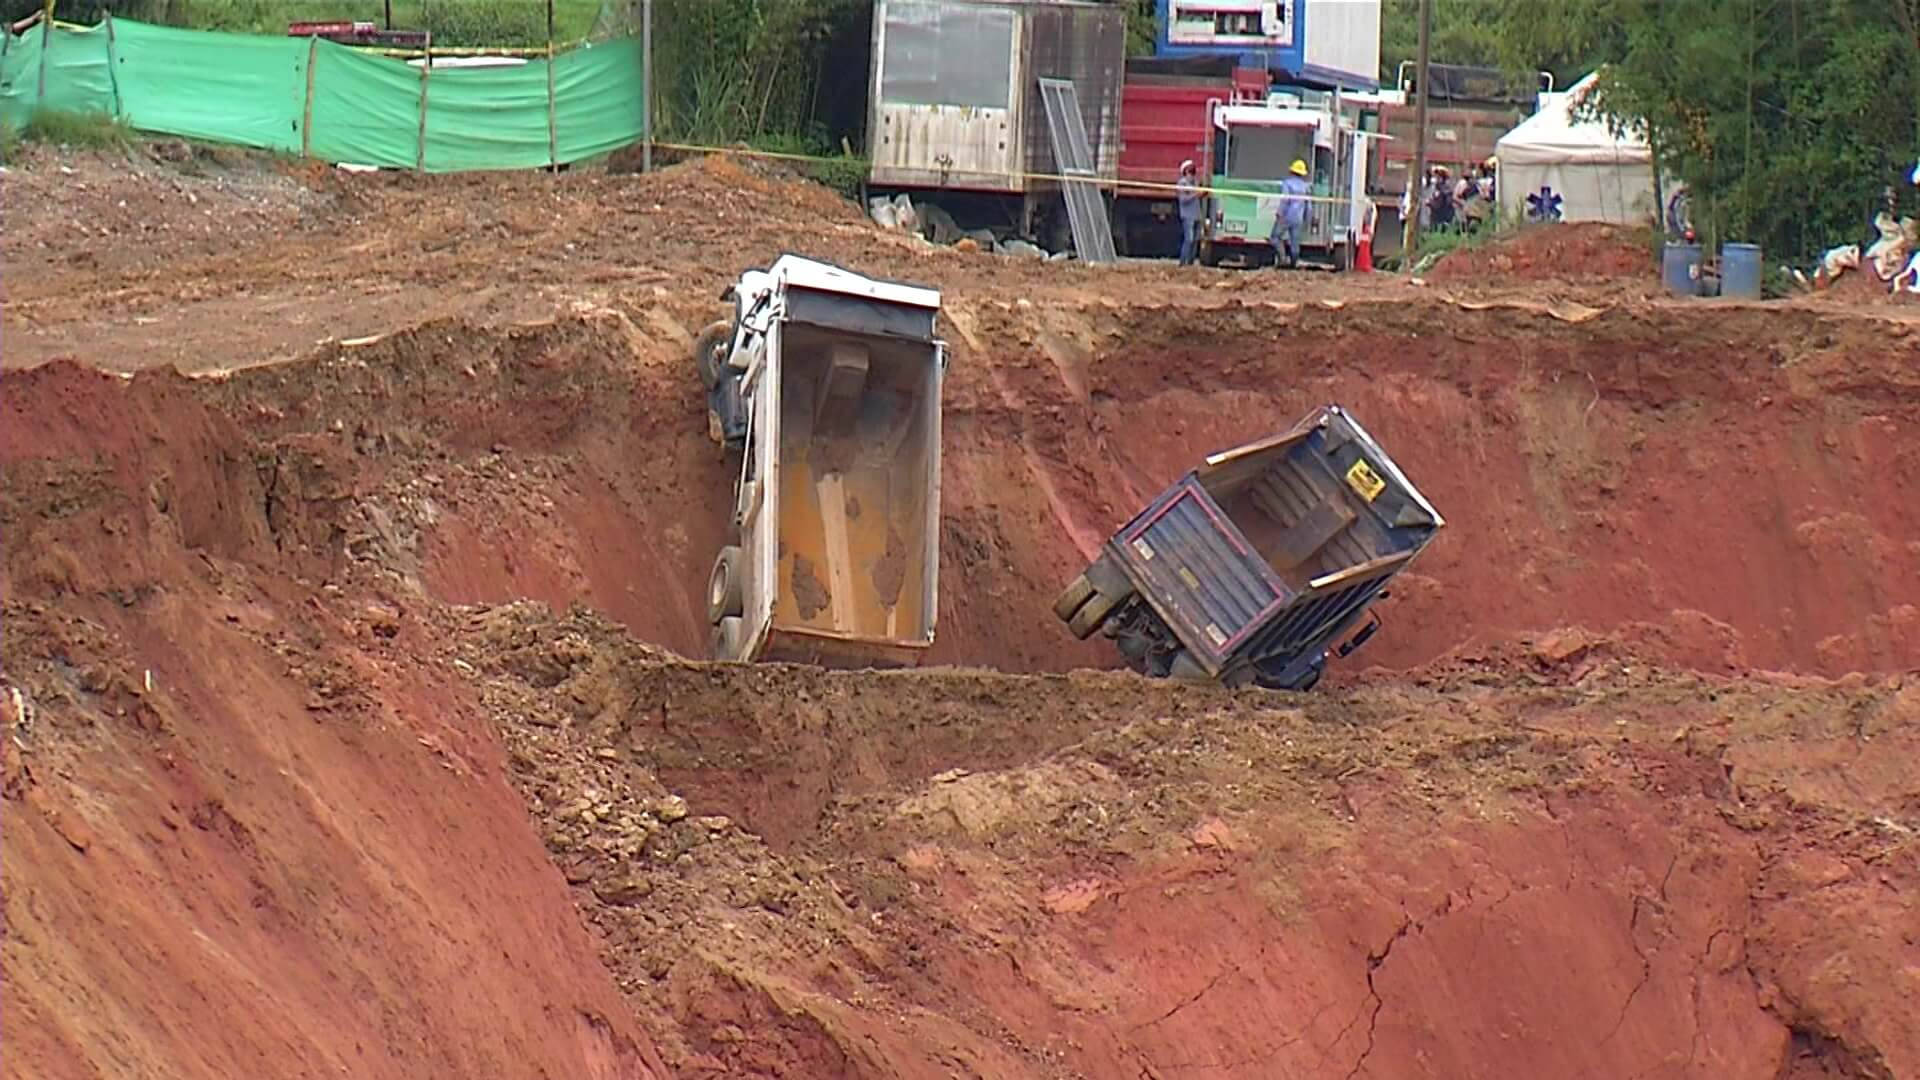 Vigilan cauce del río Medellín tras deslizamiento en relleno